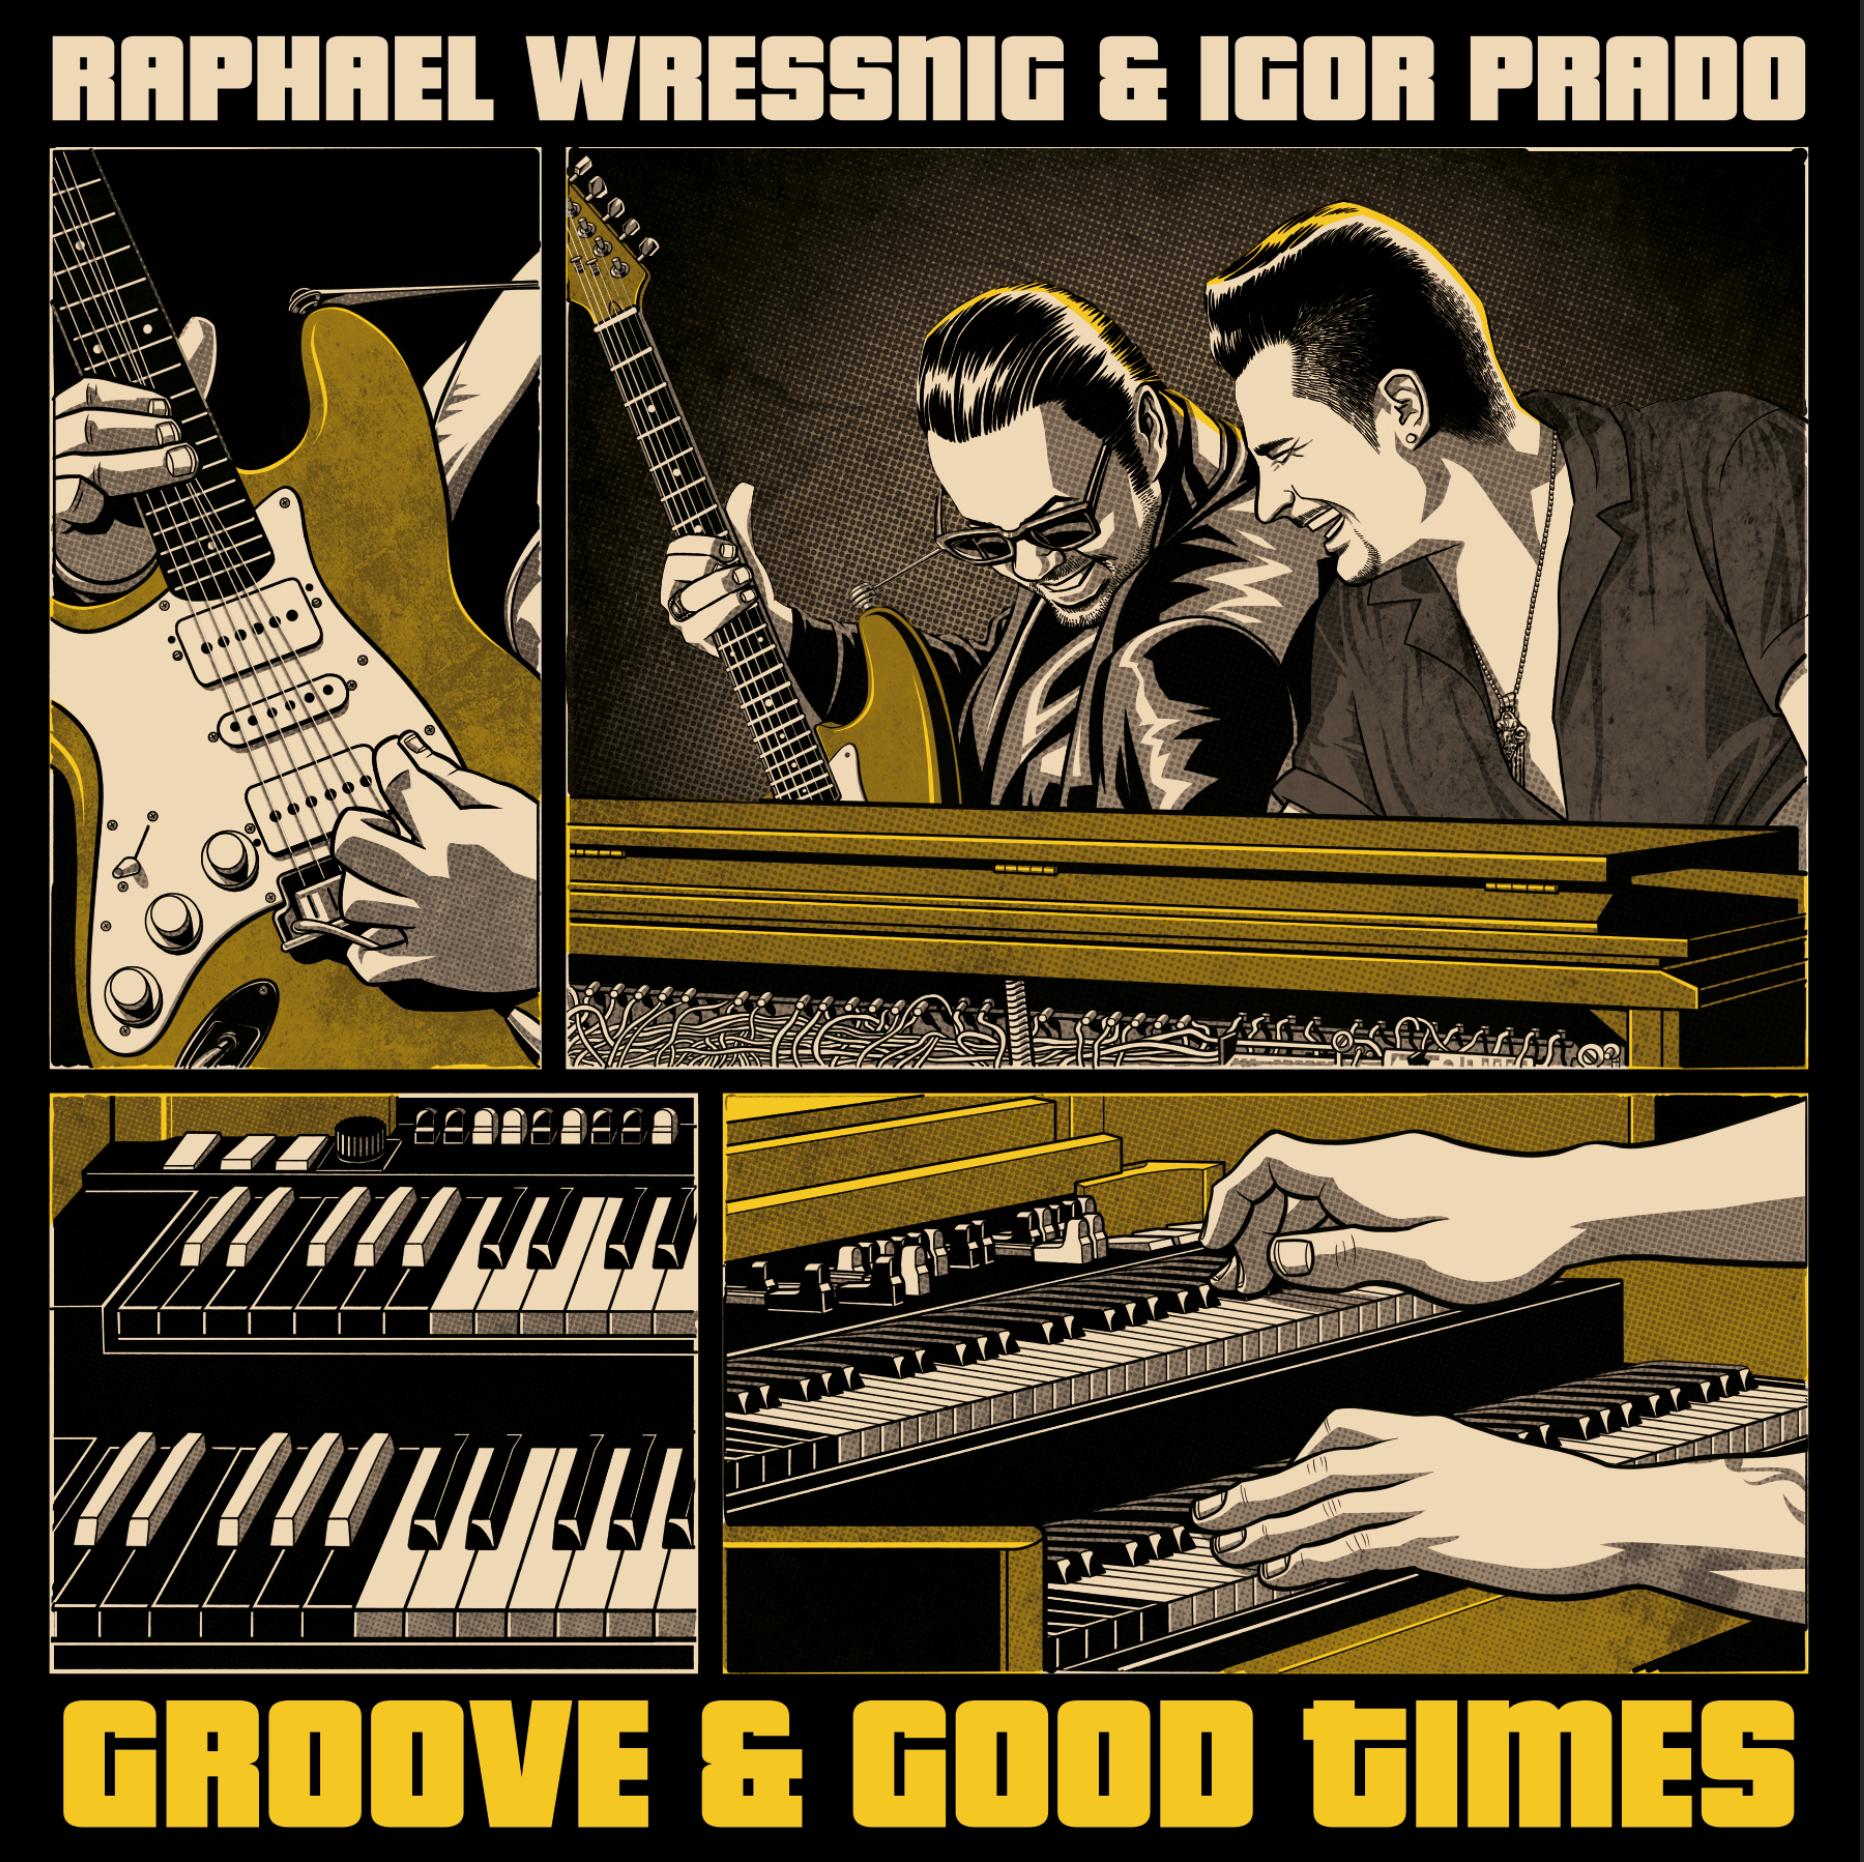 Feines Vinyl und mehr: Mit 'Groove & Good Times' bringt Raphael Wressnig echtes  Blues-Feeling mit cooler Funkiness